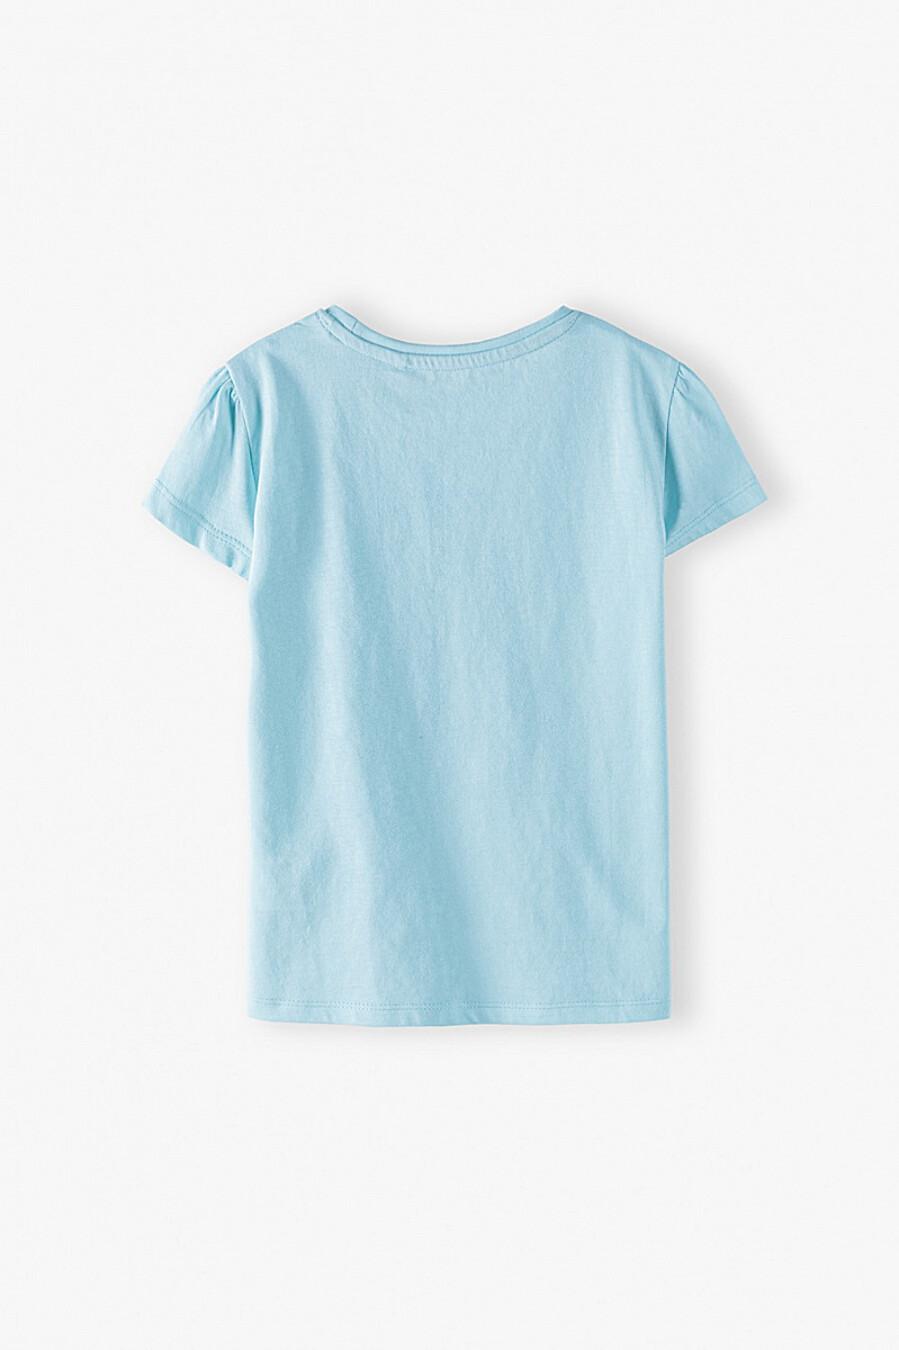 Футболка для девочек 5.10.15 668603 купить оптом от производителя. Совместная покупка детской одежды в OptMoyo